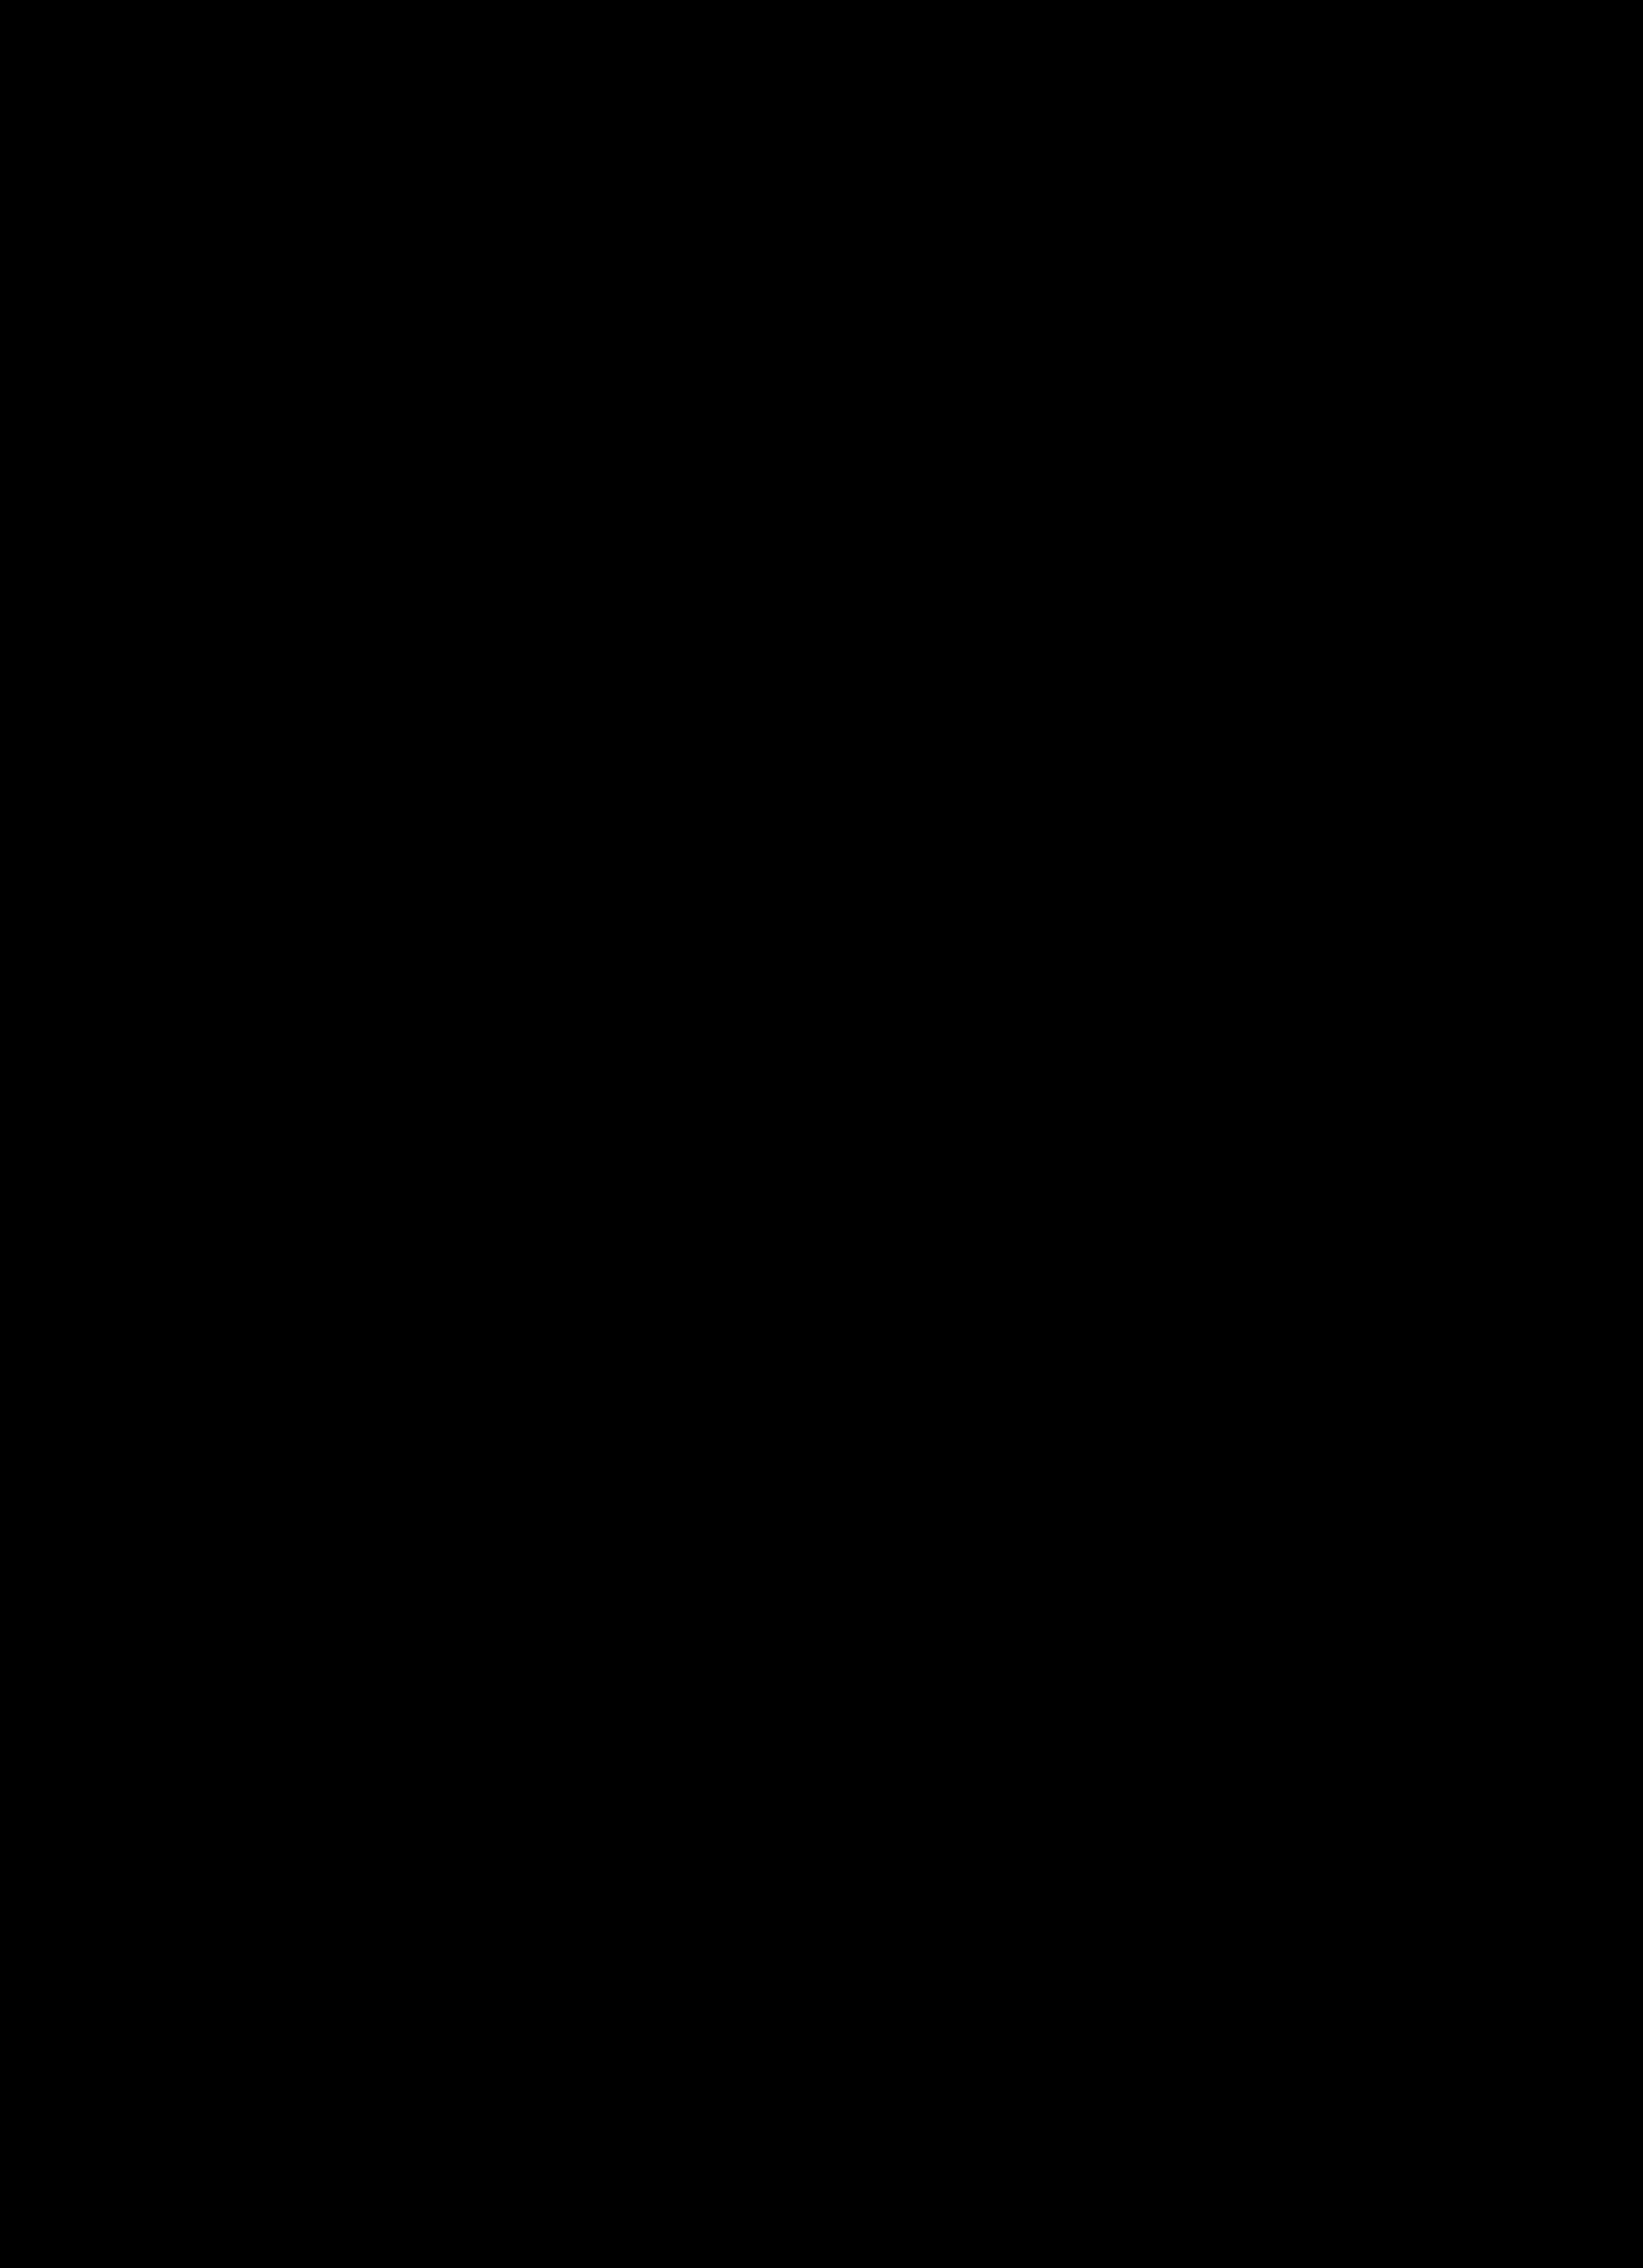 Rocket Launch IoT